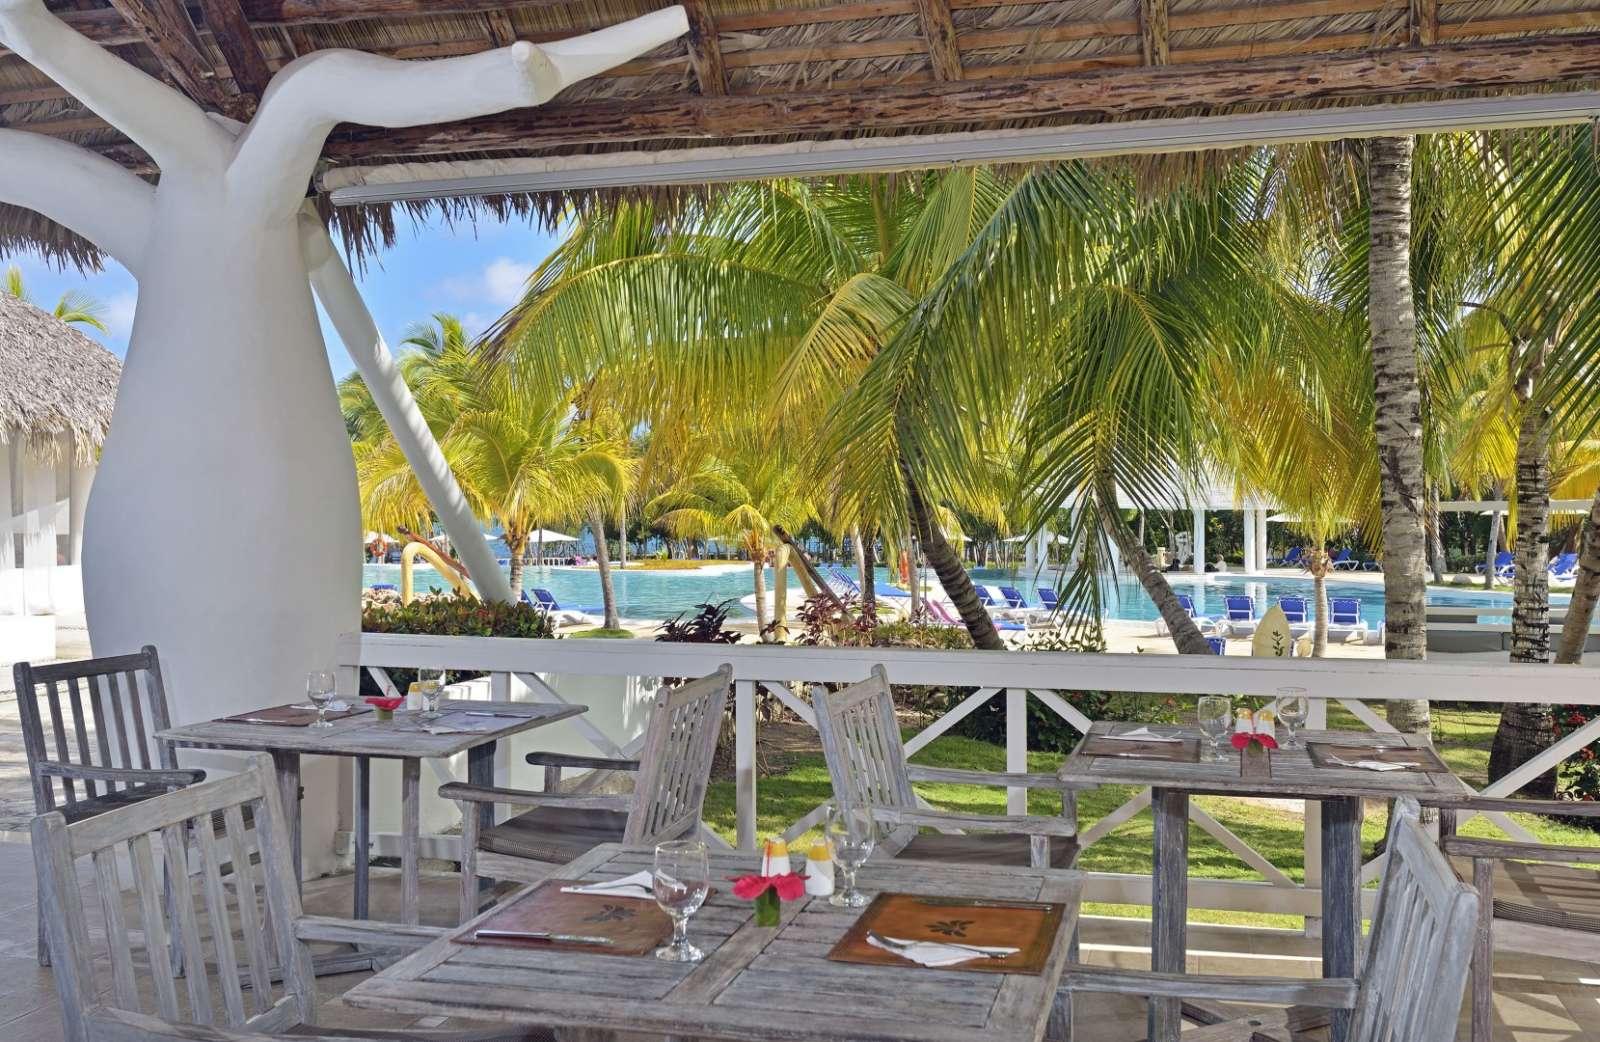 Poolside restaurant at Paradisus Rio de Oro